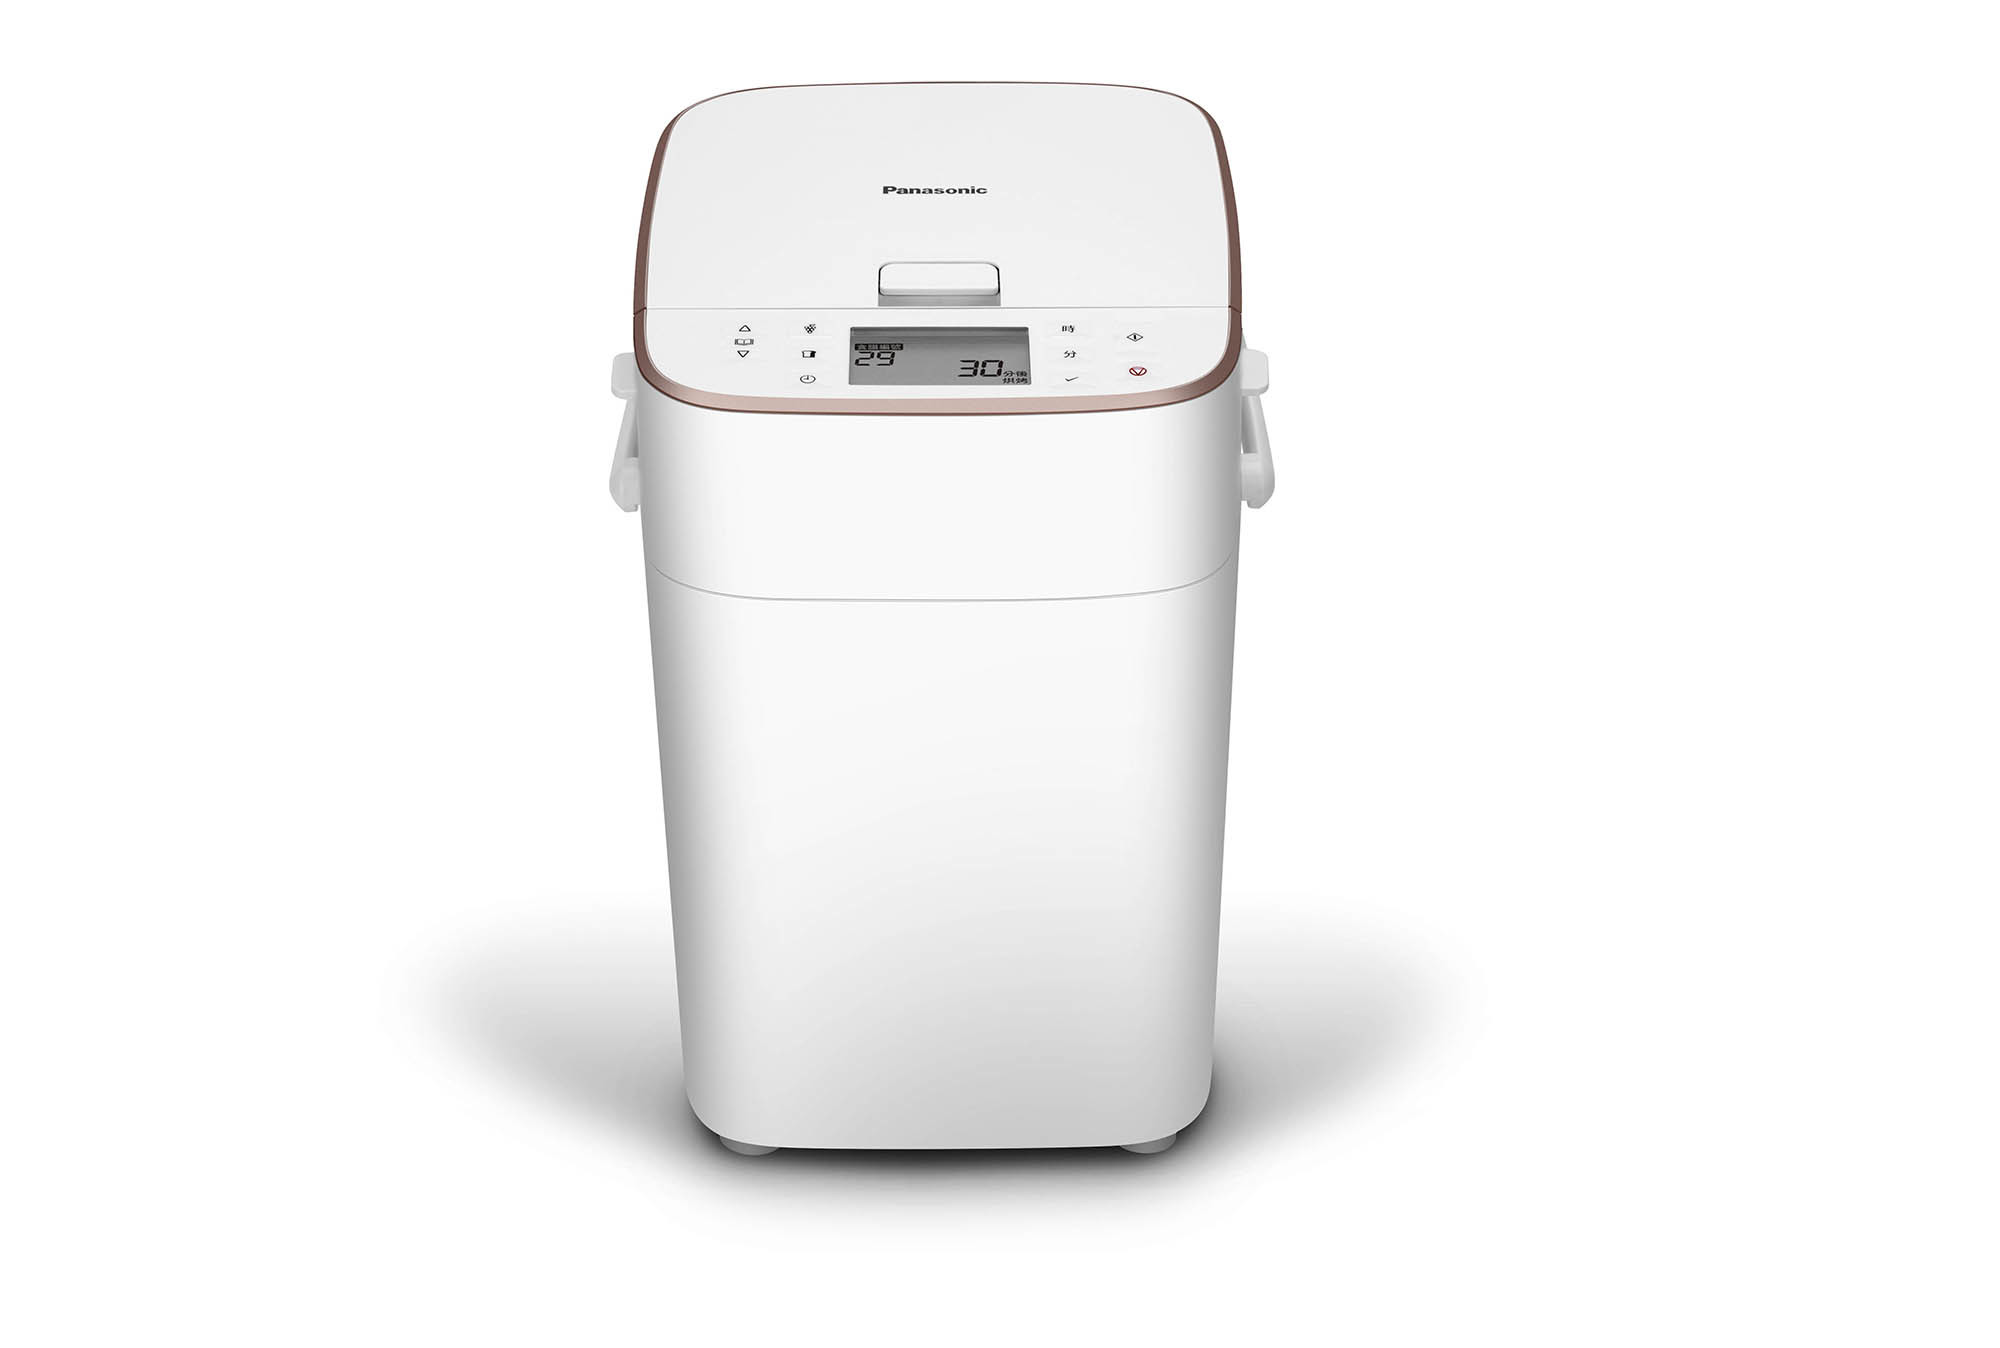 Panasonic 麵包機 SD-PM107   放入材料自動整包夠方便